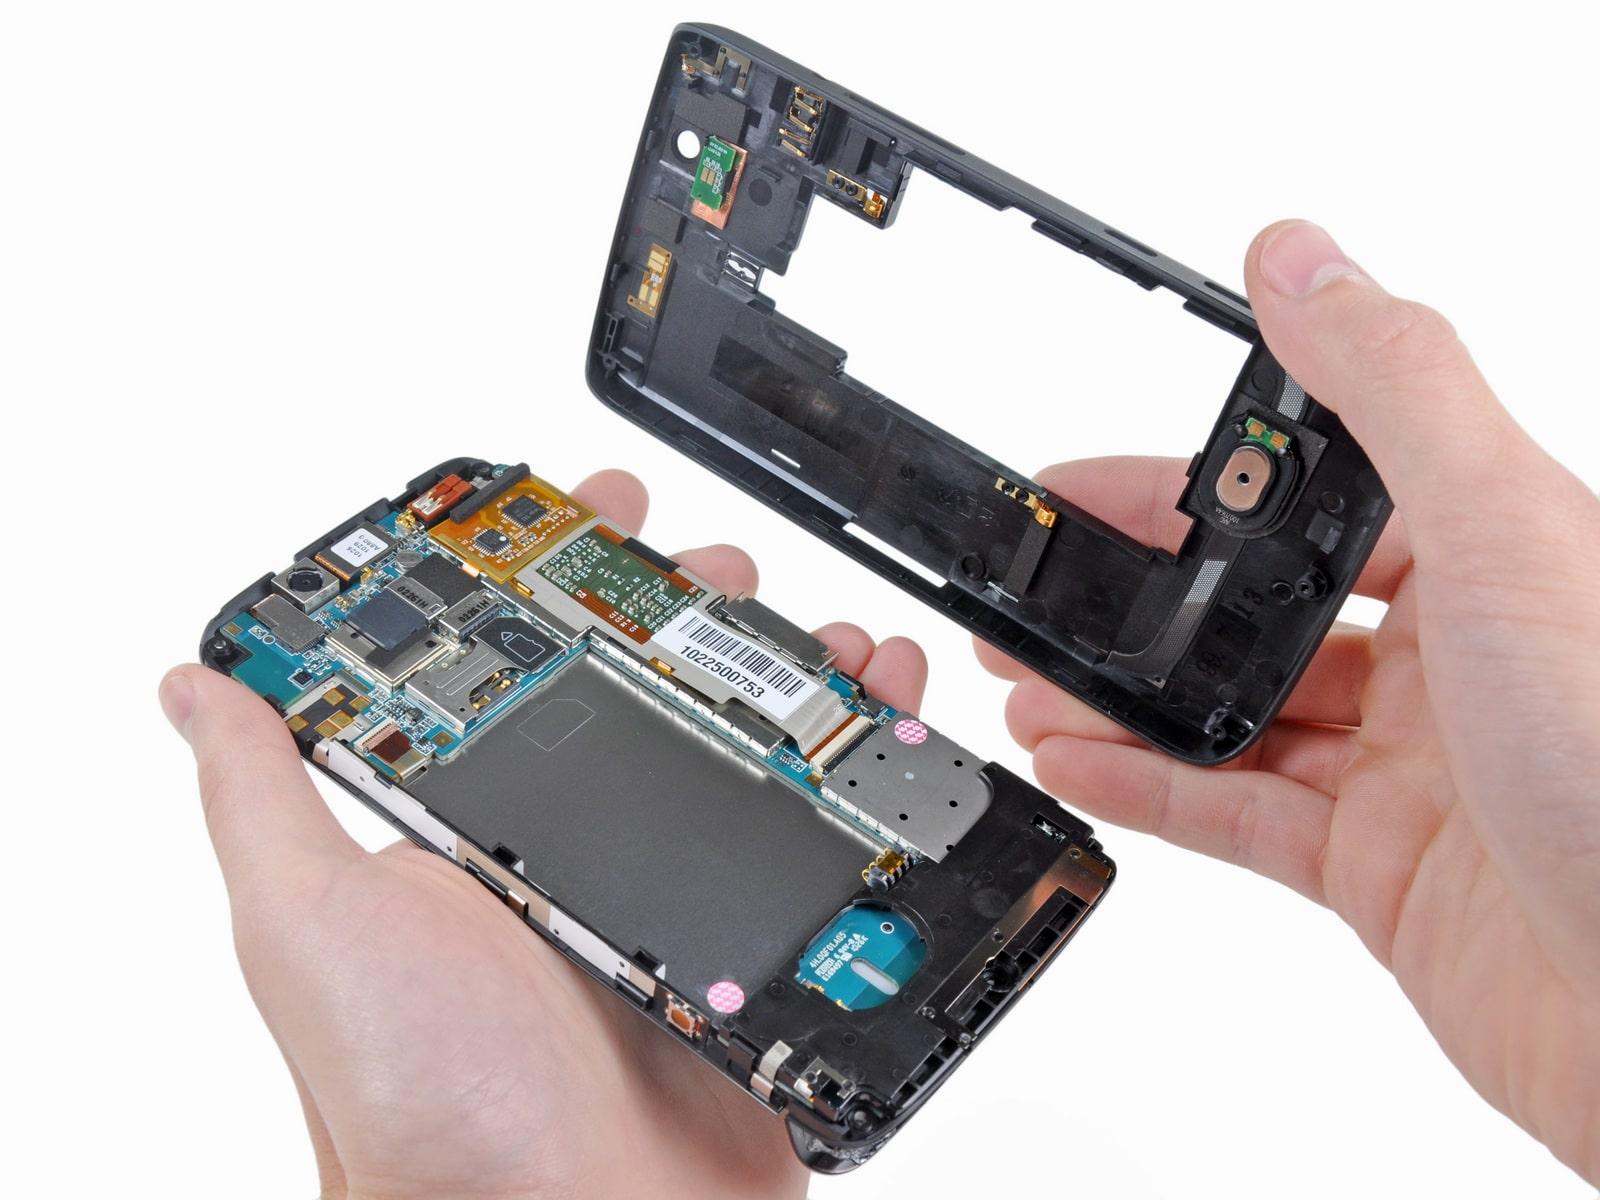 sửa chữa điện thoại tại bình minh mobile